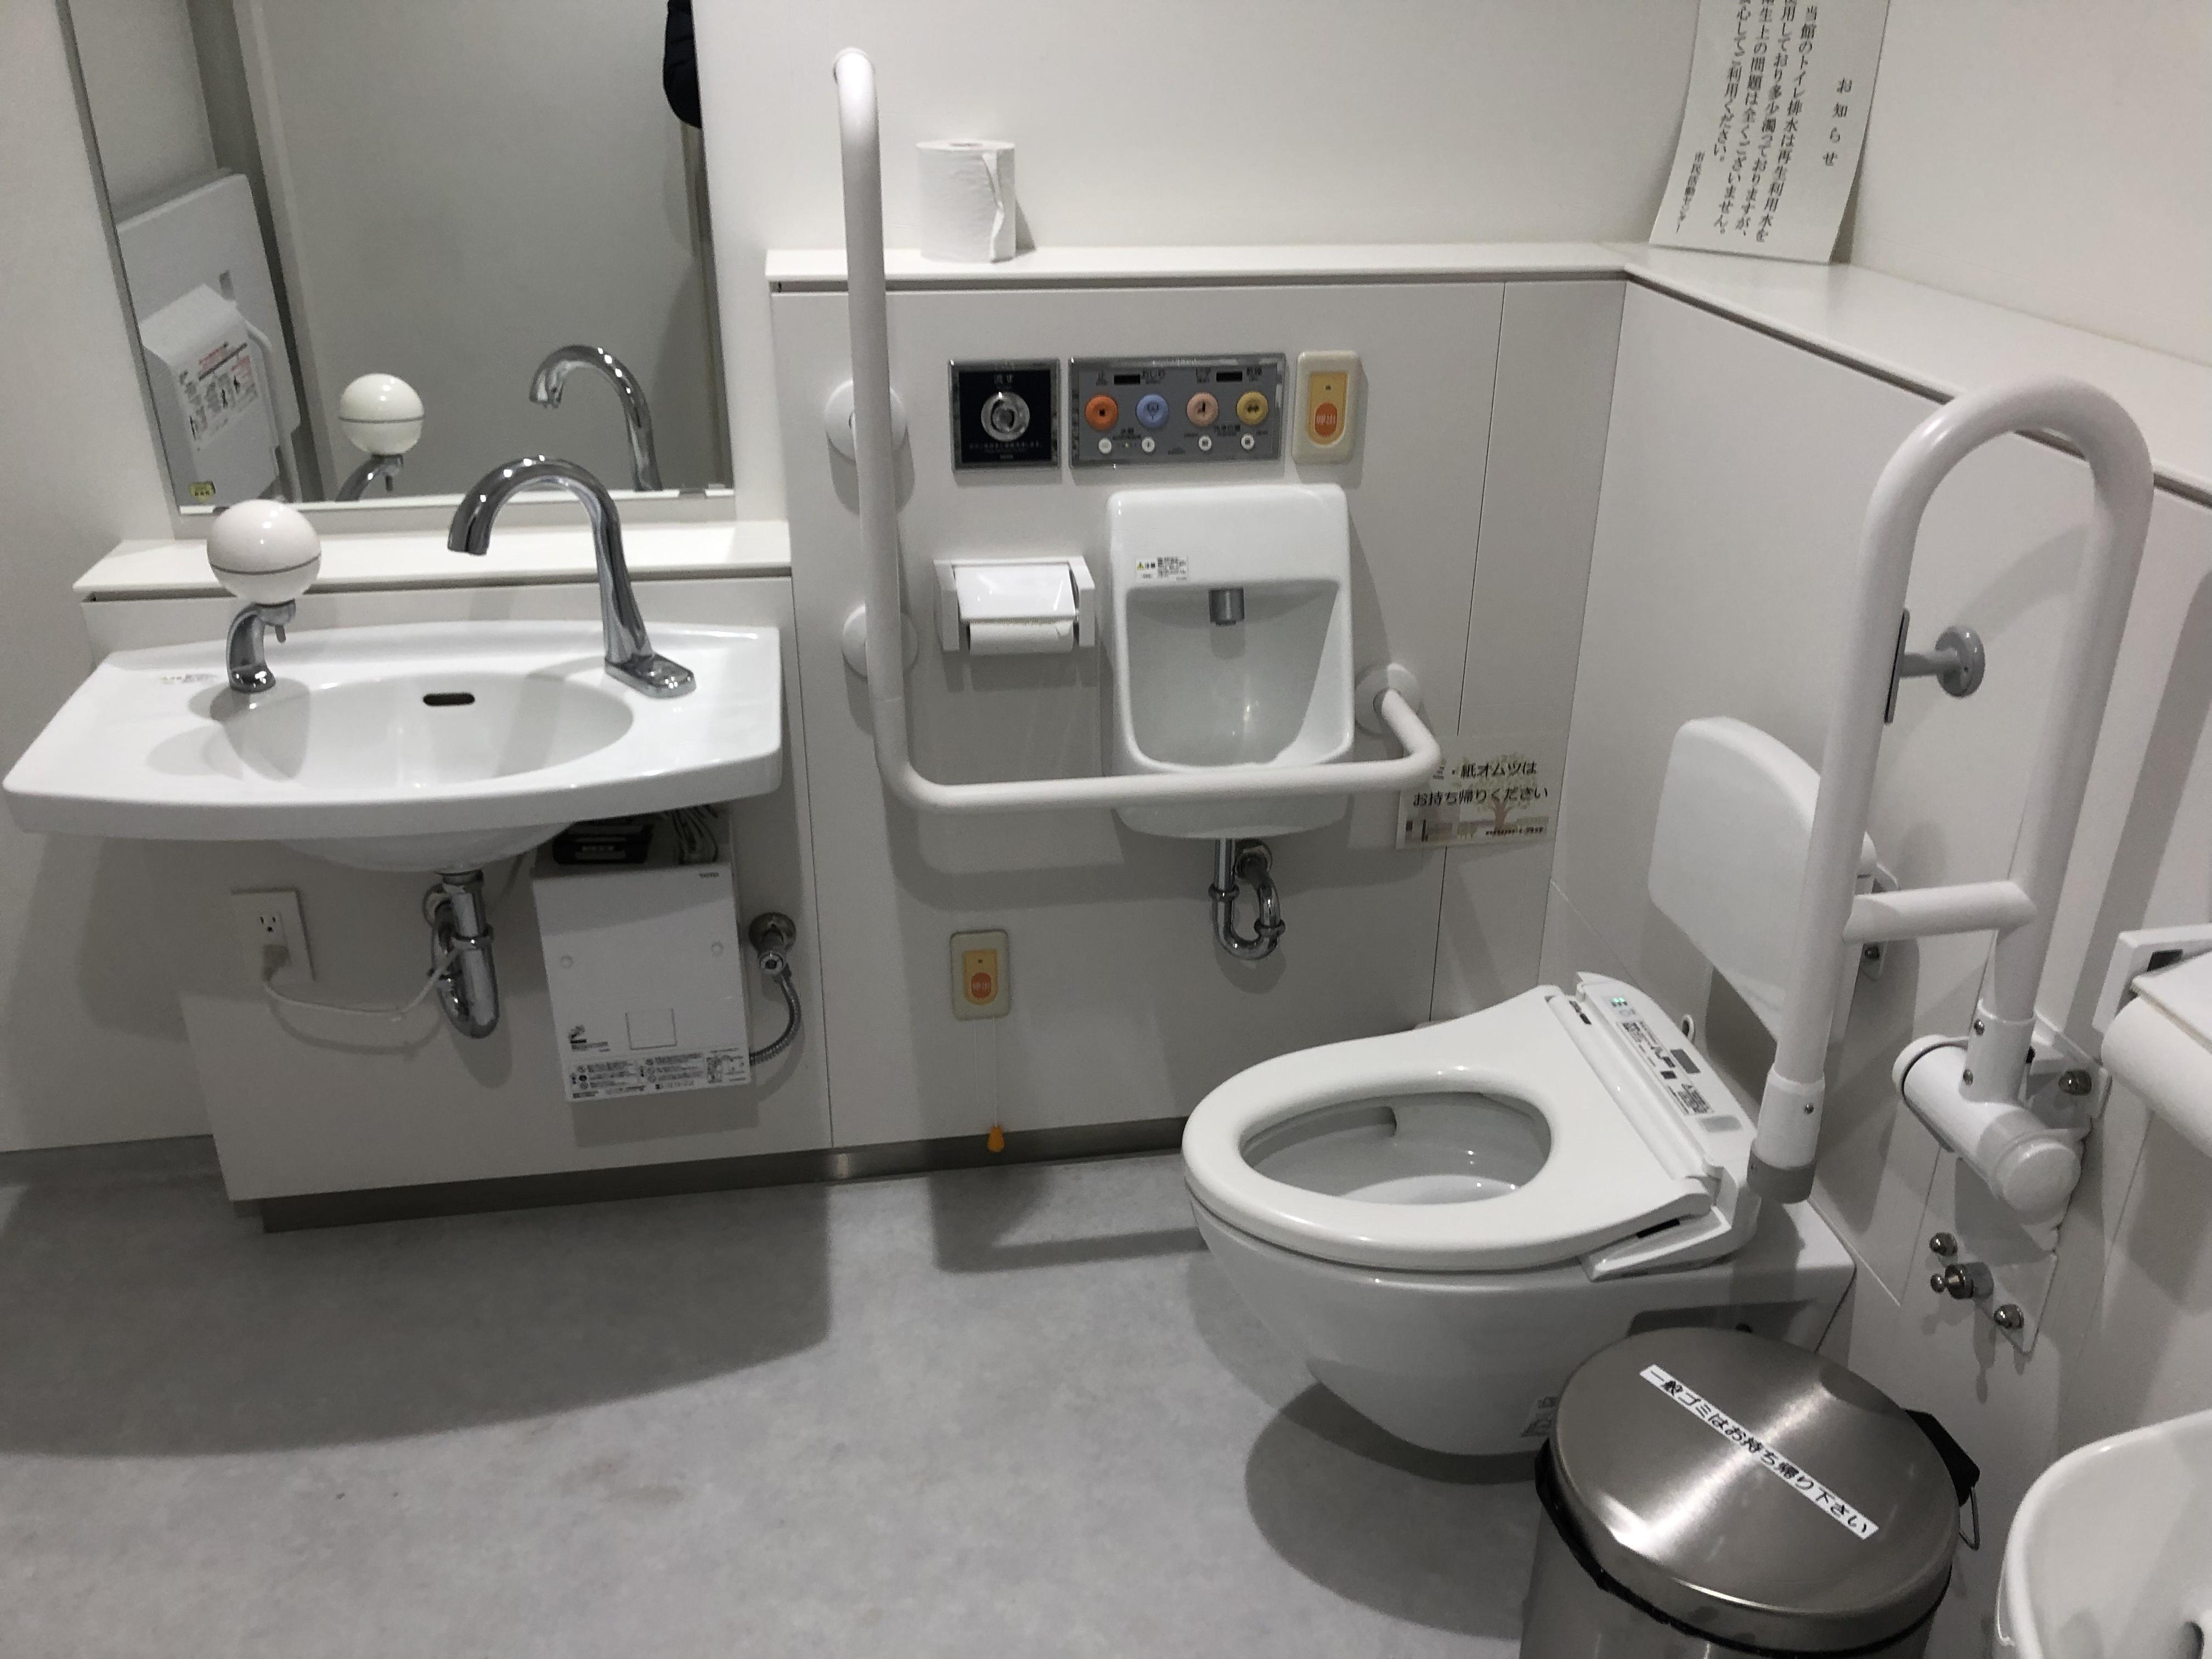 府中市 ル・シーニュ大型ショッピングセンター6階にある誰でもトイレ